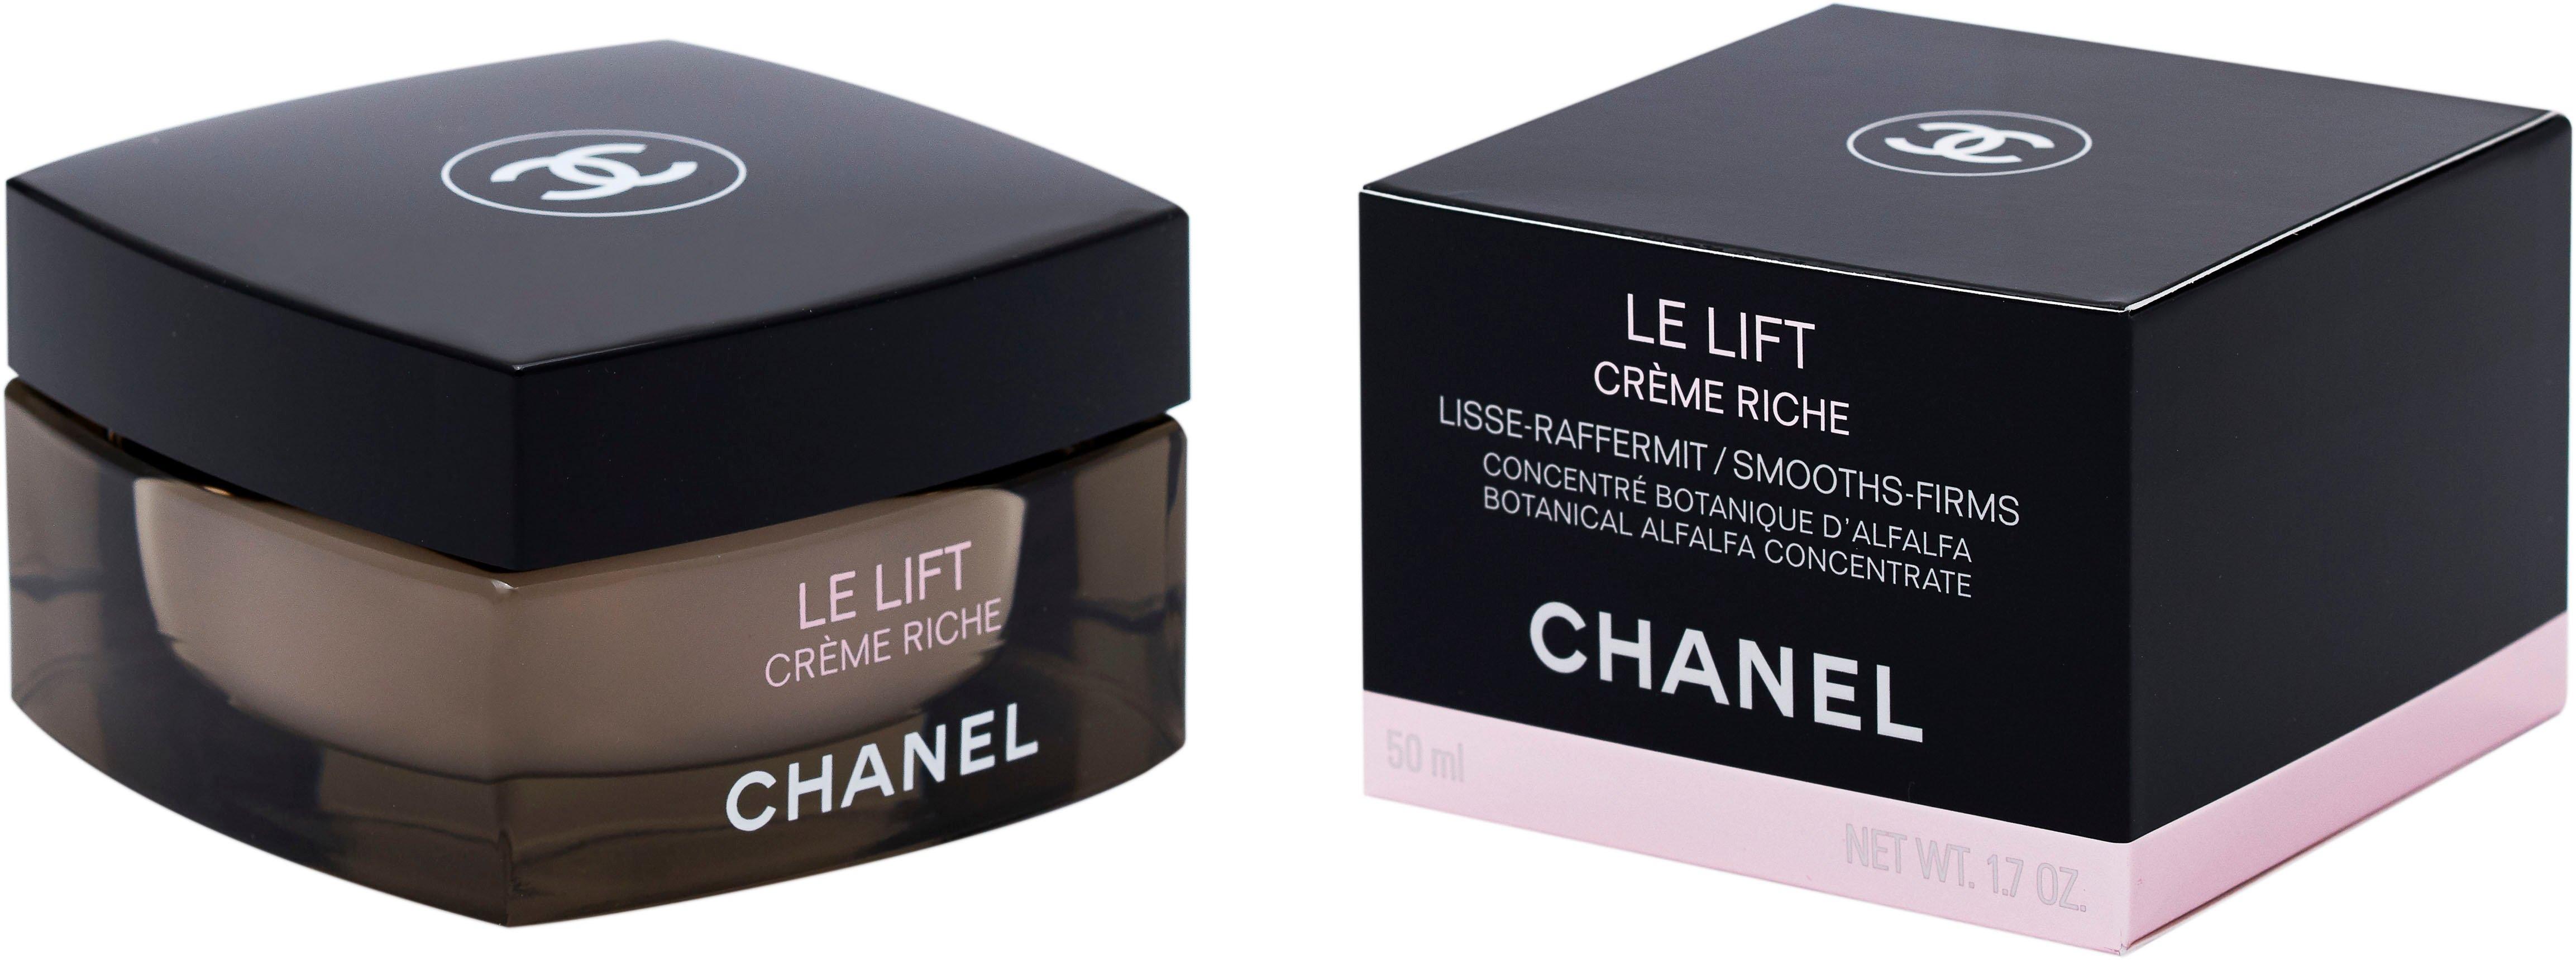 CHANEL anti-aging crème Le Lift Crème Riche nu online kopen bij OTTO